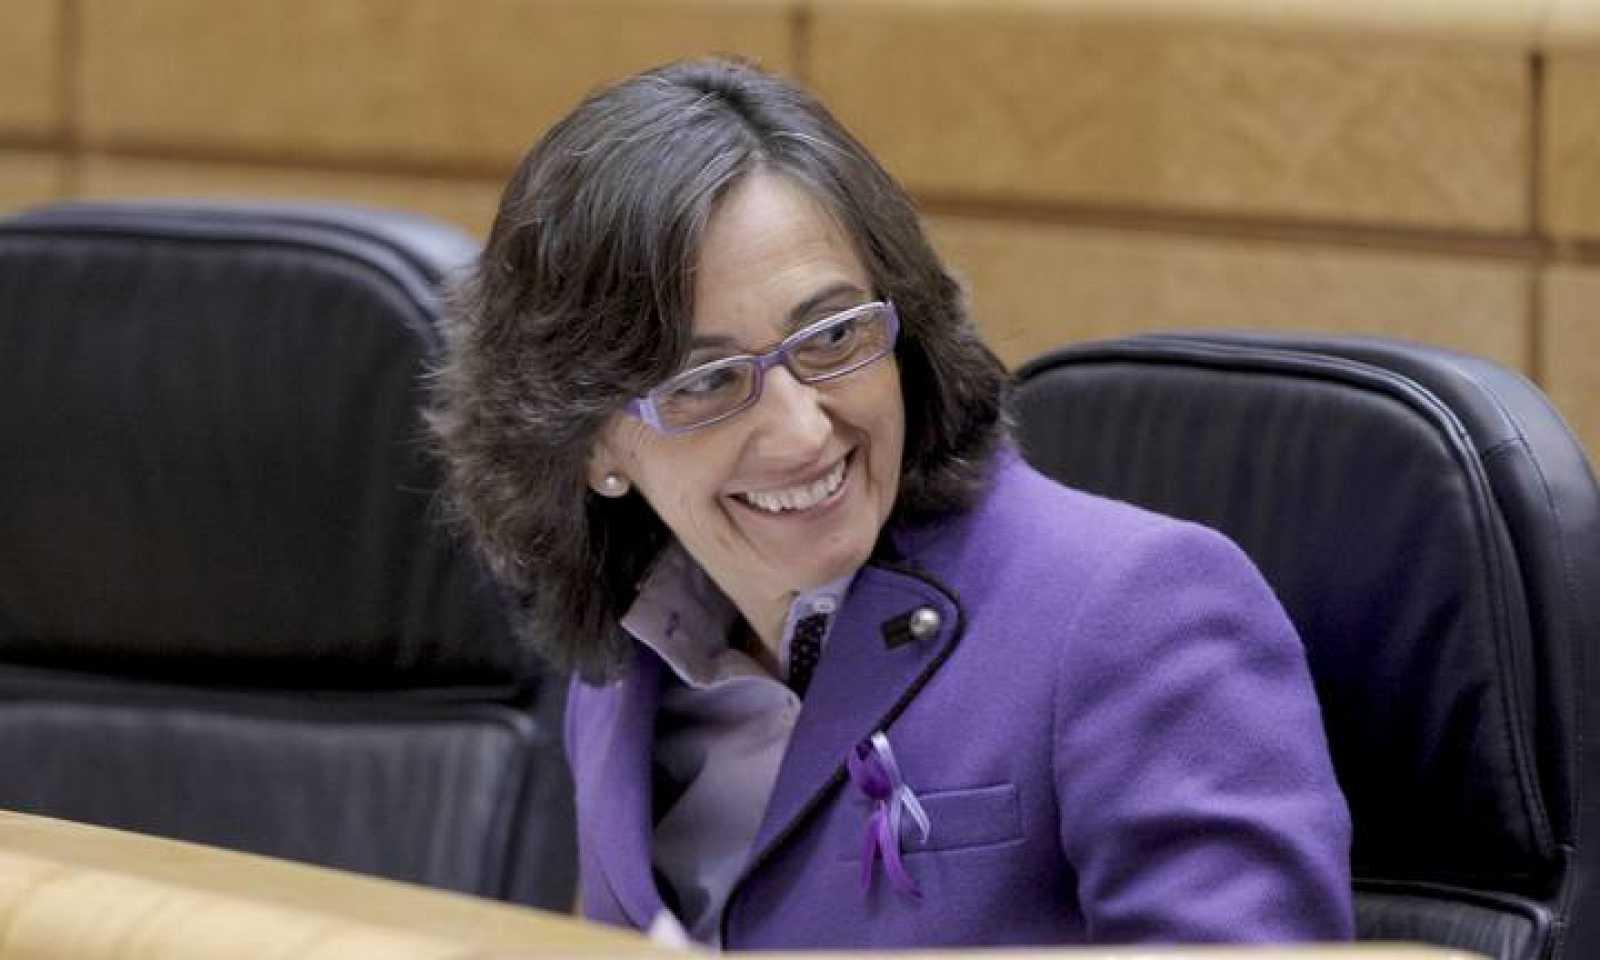 La ministra de Medio Ambiente y Medio Rural y Marino, Rosa Aguilar, el pasado 8 de marzo de 2011